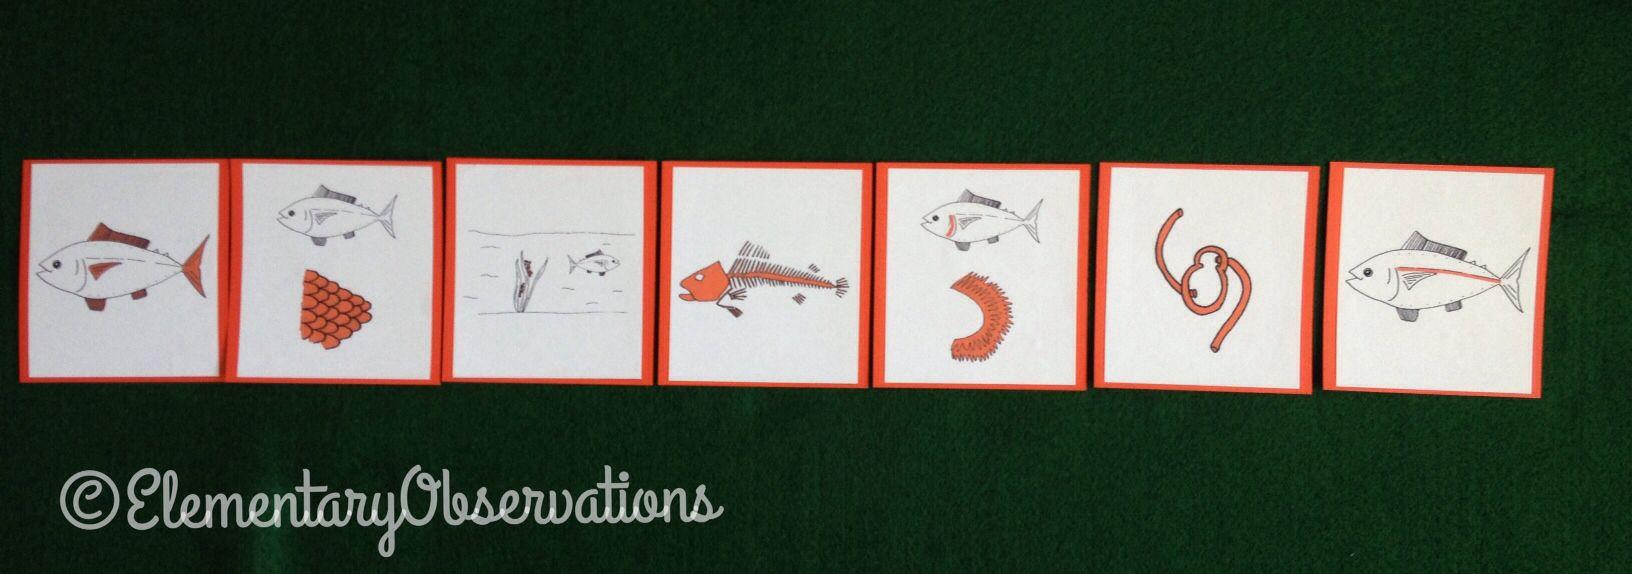 Vital functions of fish | Zoology | Pinterest | Zoology, Montessori ...